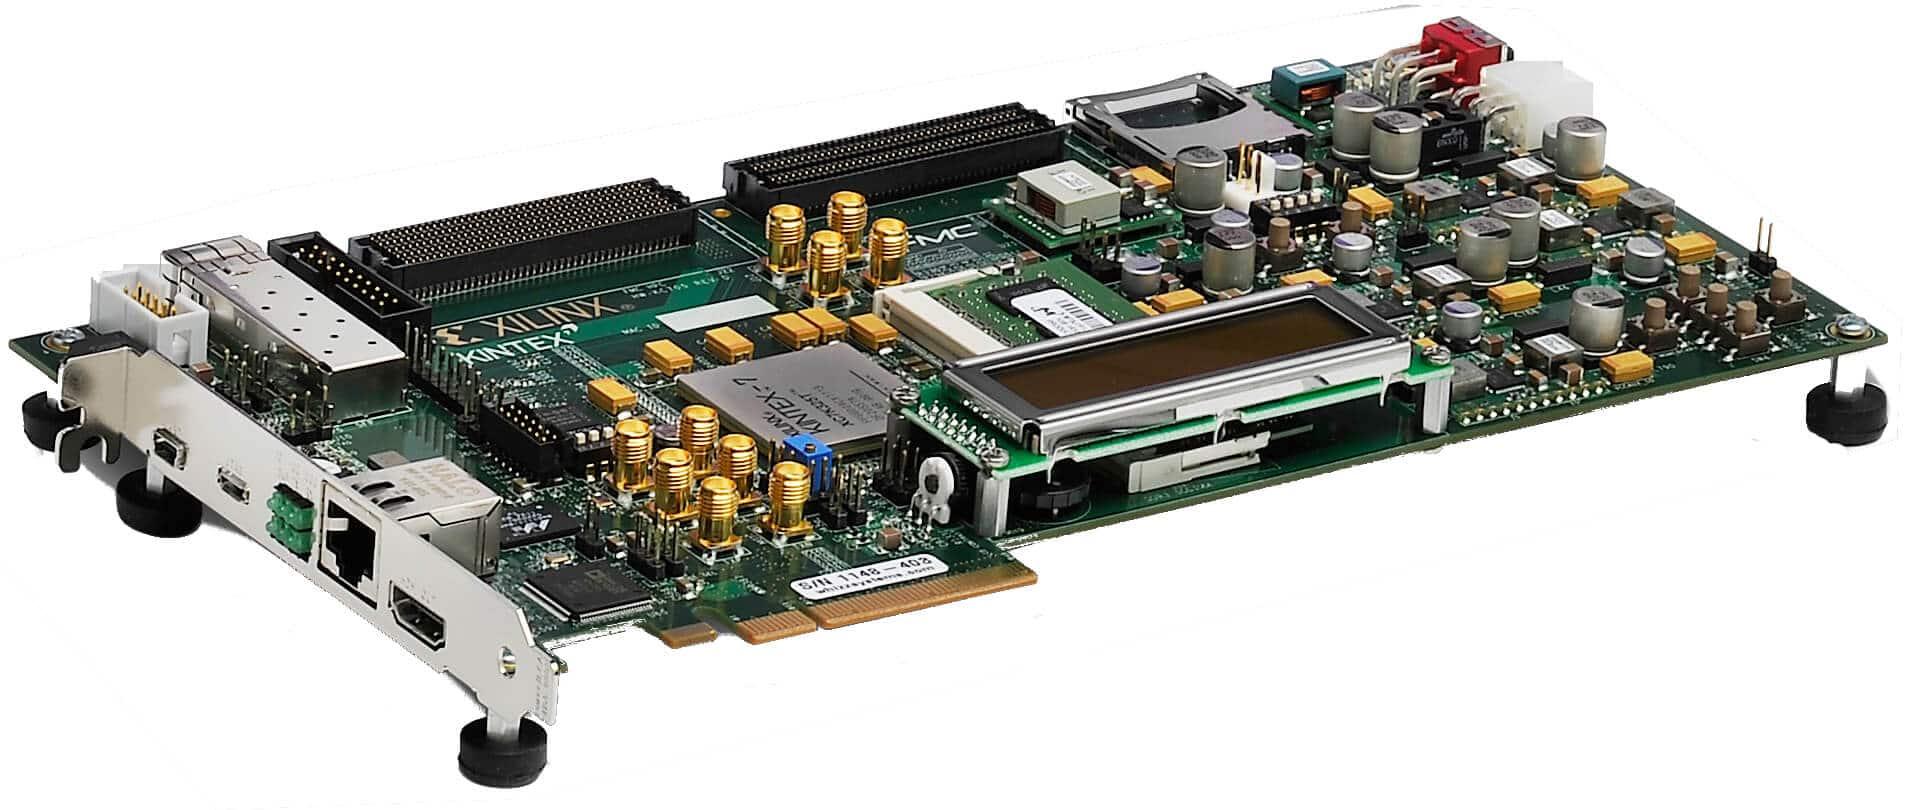 برد آموزشی FPGA